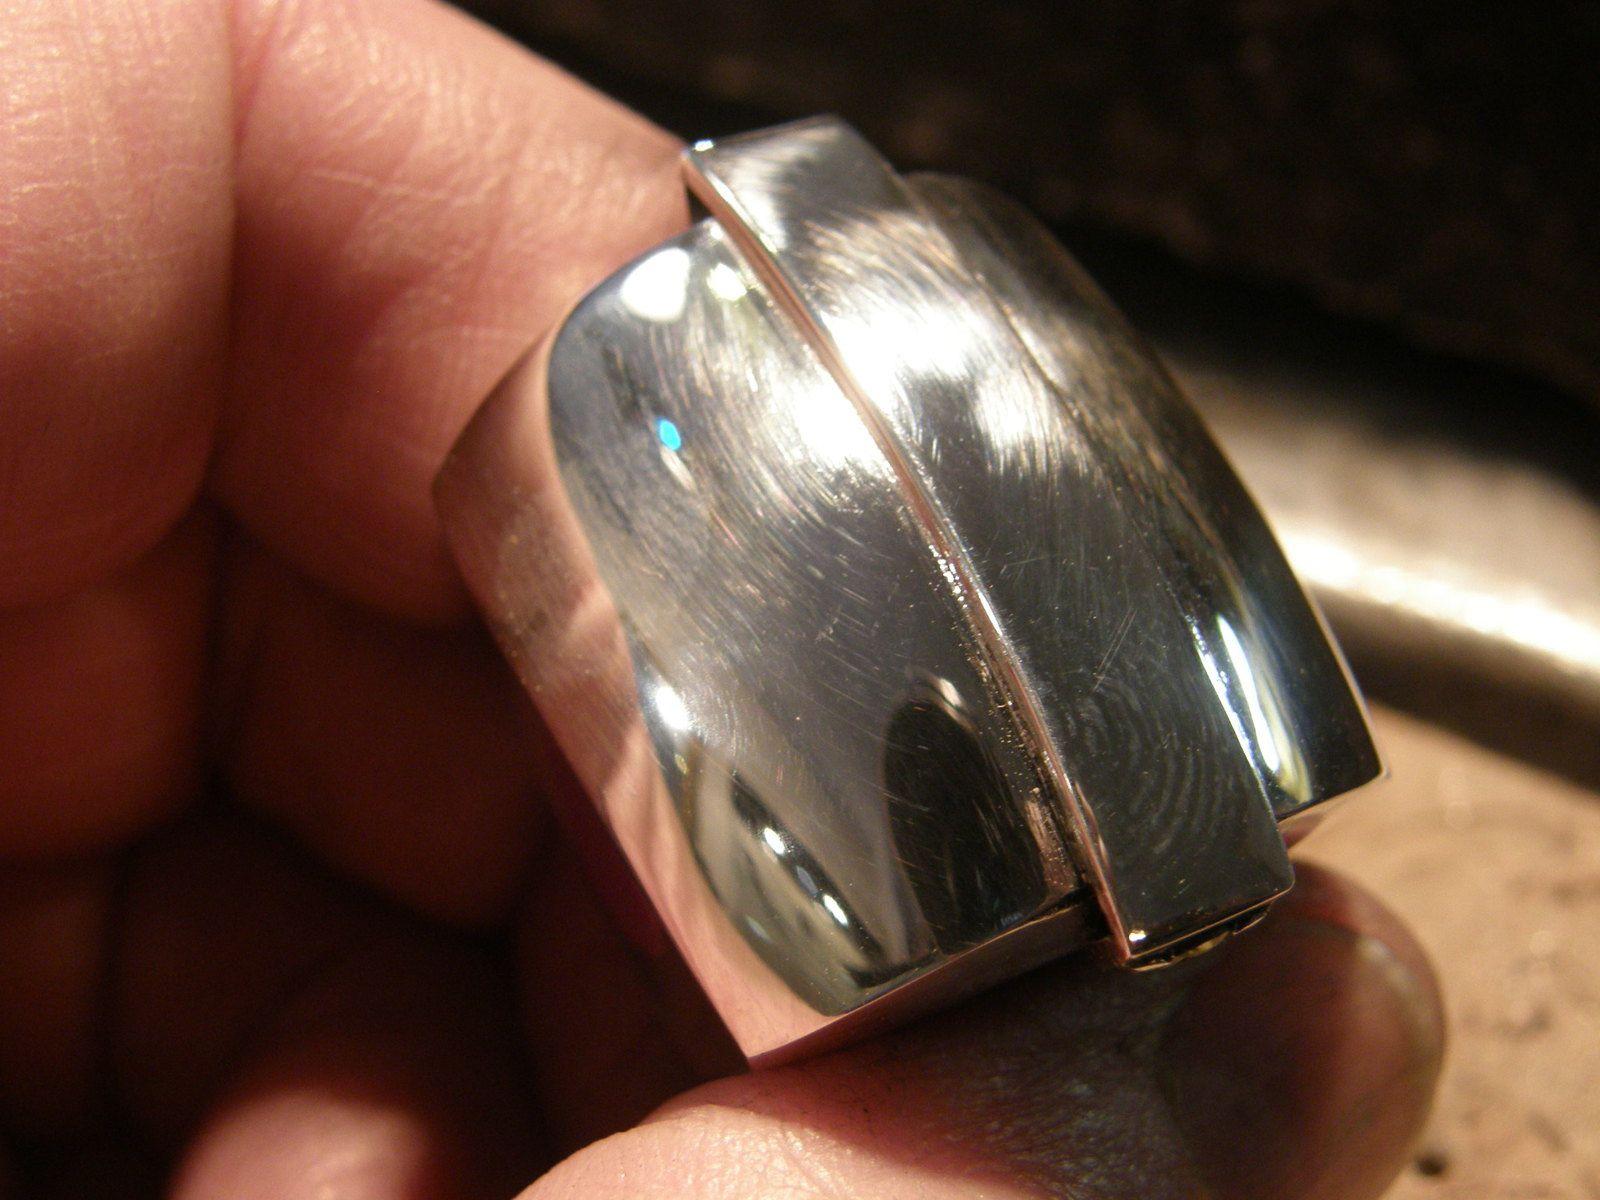 La voici vue de dessus : un gros bloc hermetique. Mais dessous, et dans le detaile des pierres...